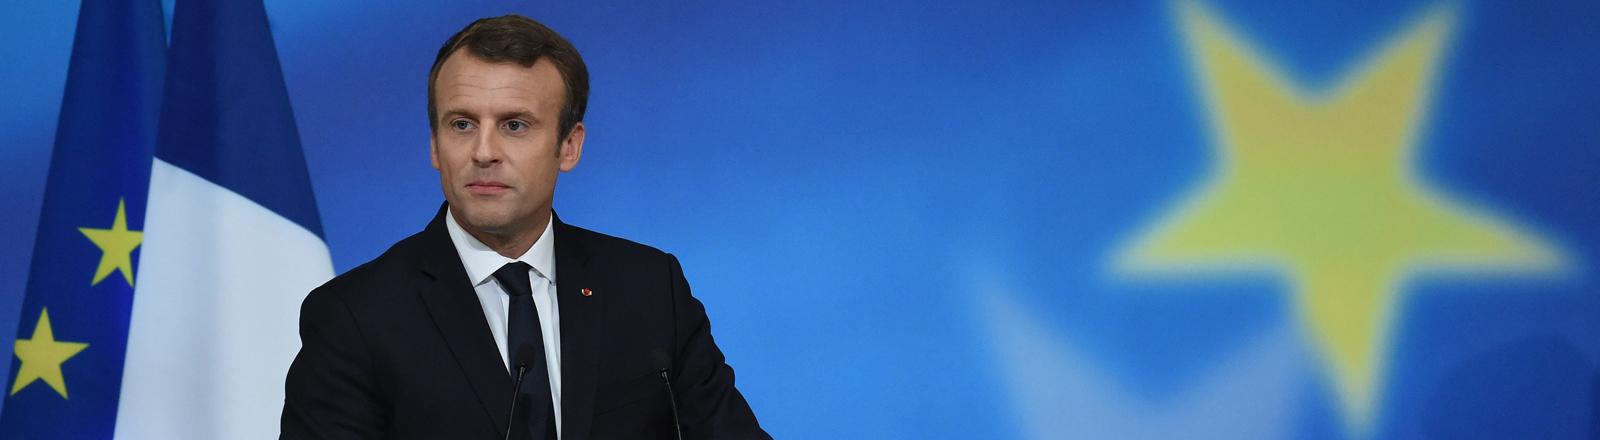 Macron an einem Redepult